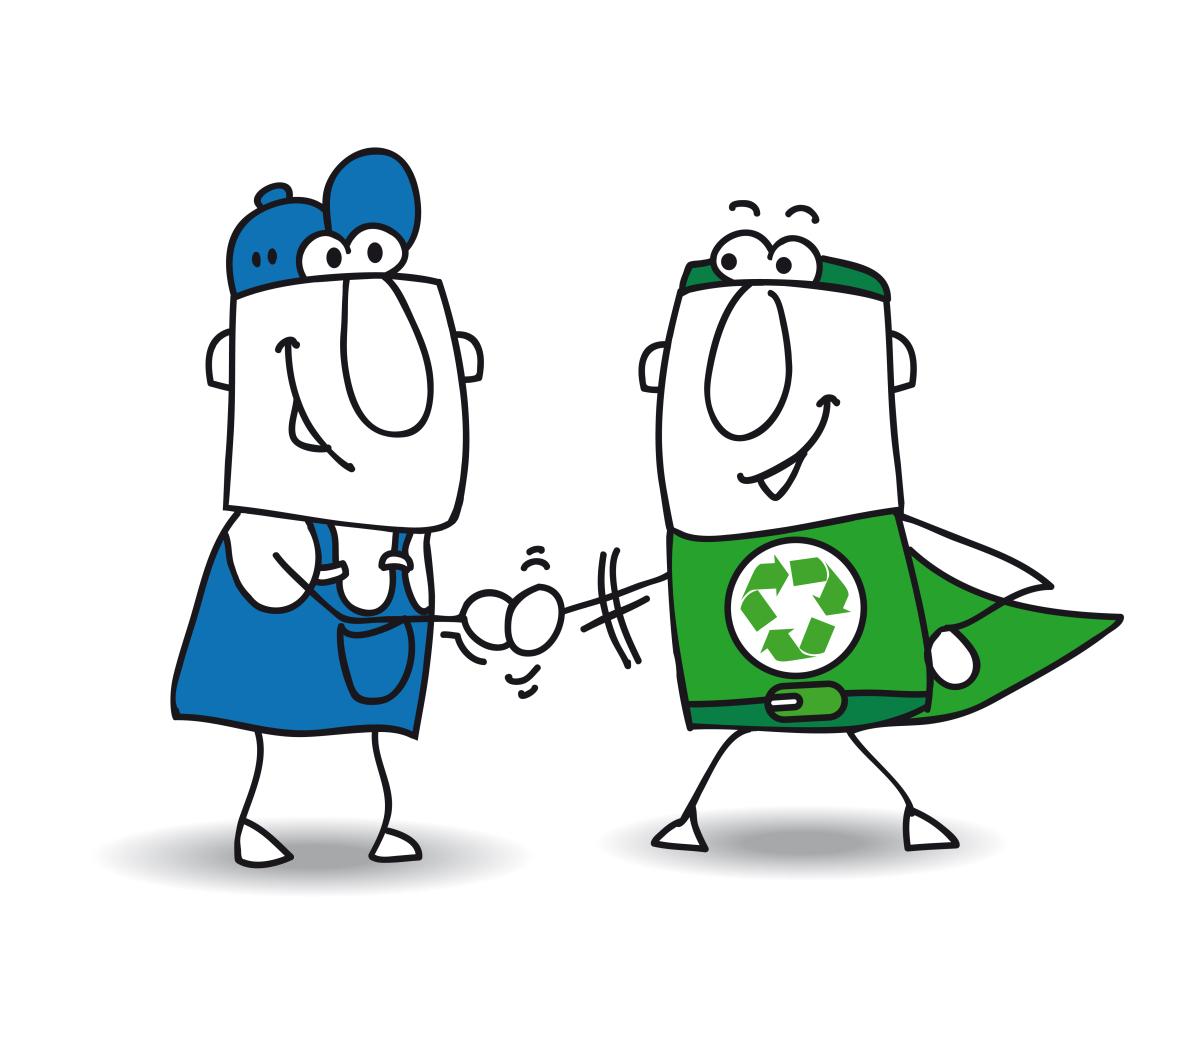 Super monsieur du bâtiment et super monsieur écolo se tapent dans la main – Aide à la transition énergétique